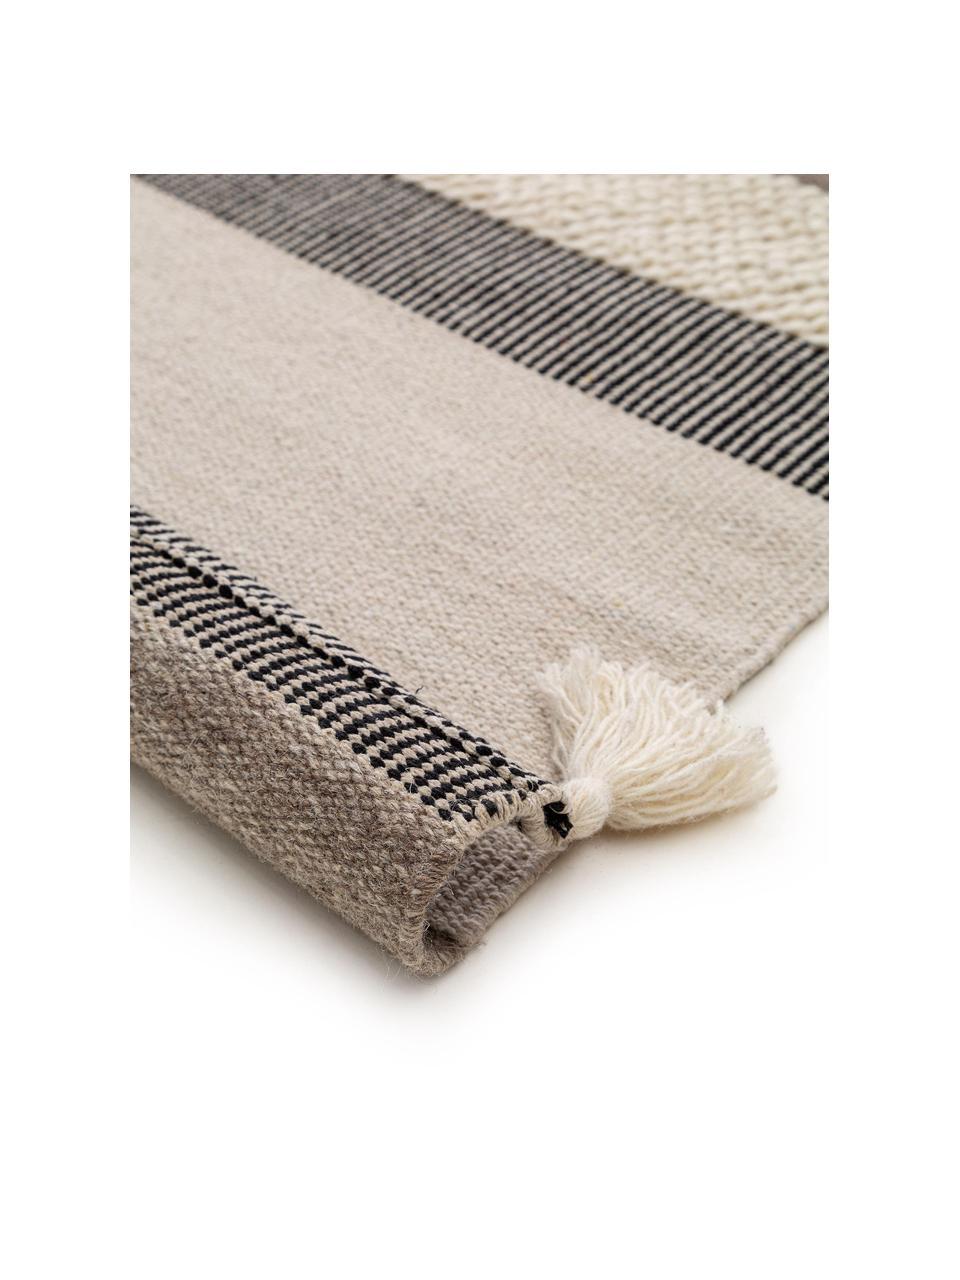 Ręcznie tkany dywan z wełny z chwostami Tammi, 80% wełna, 20% bawełna   Włókna dywanów wełnianych mogą nieznacznie rozluźniać się w pierwszych tygodniach użytkowania, co ustępuje po pewnym czasie, Szary, beżowy, taupe, S 200 x D 300 cm (Rozmiar L)